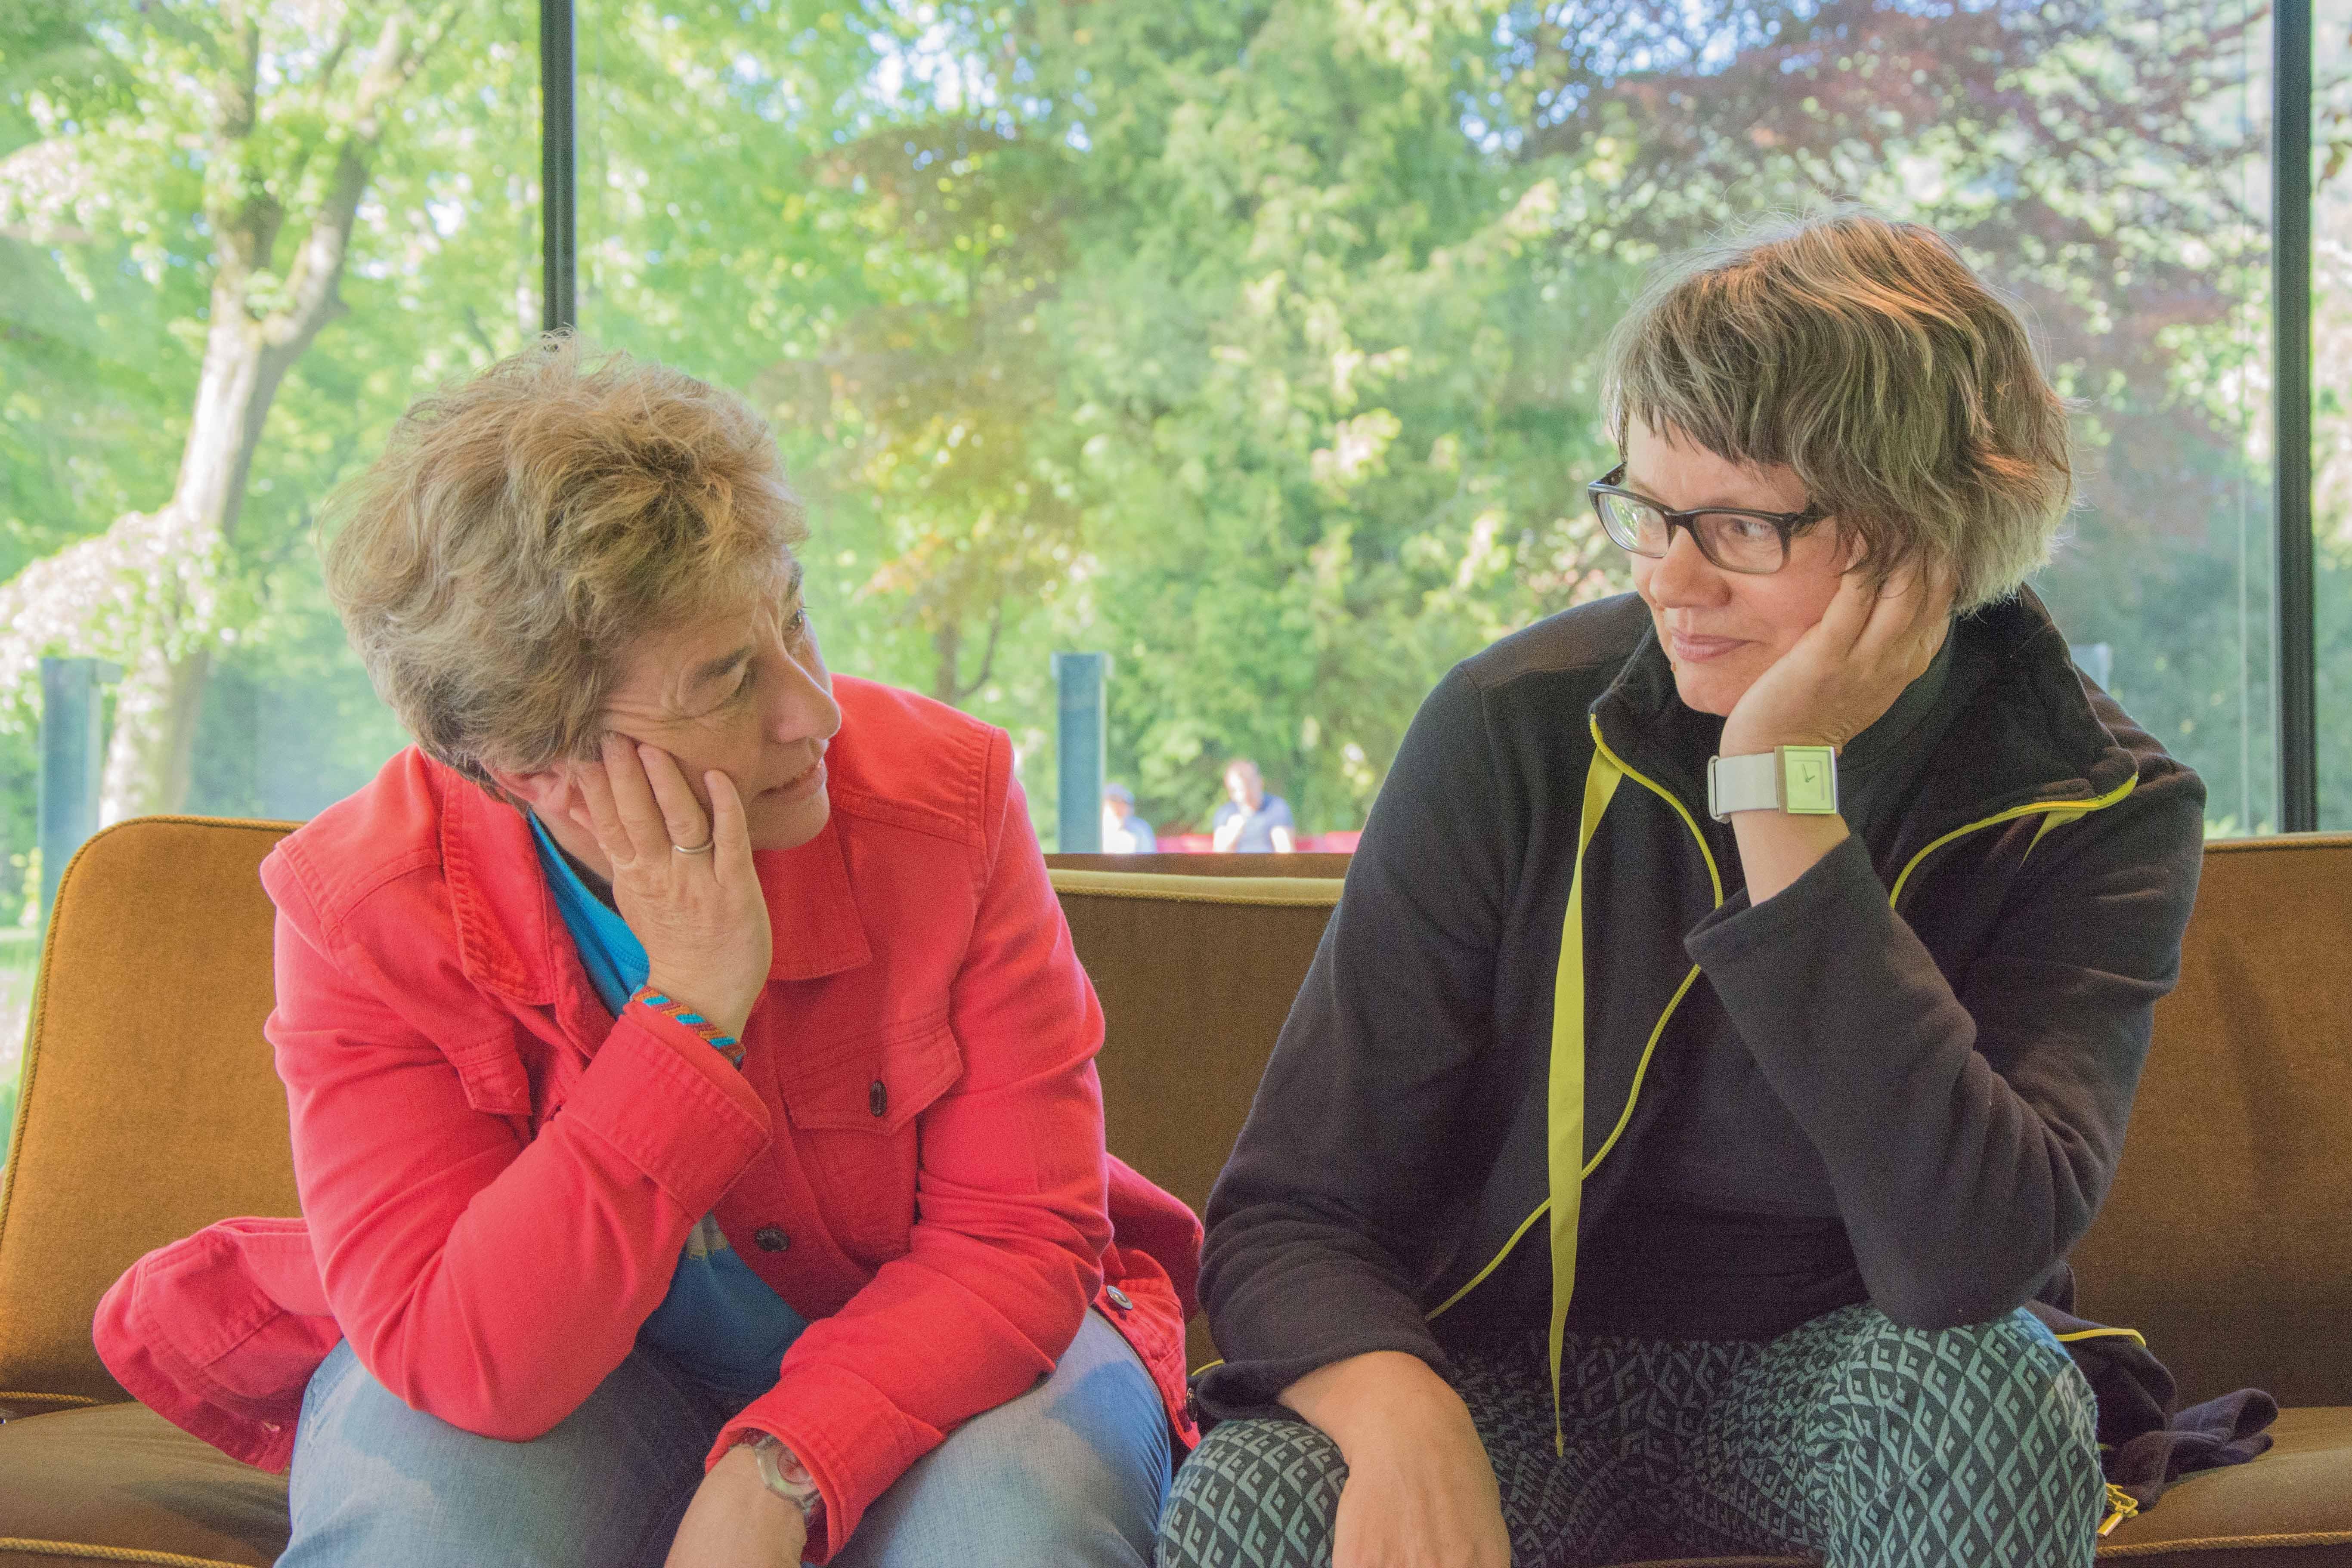 Blanca Thurian und Sara Smidt im Gespräch. – Bild: Demian Thurian